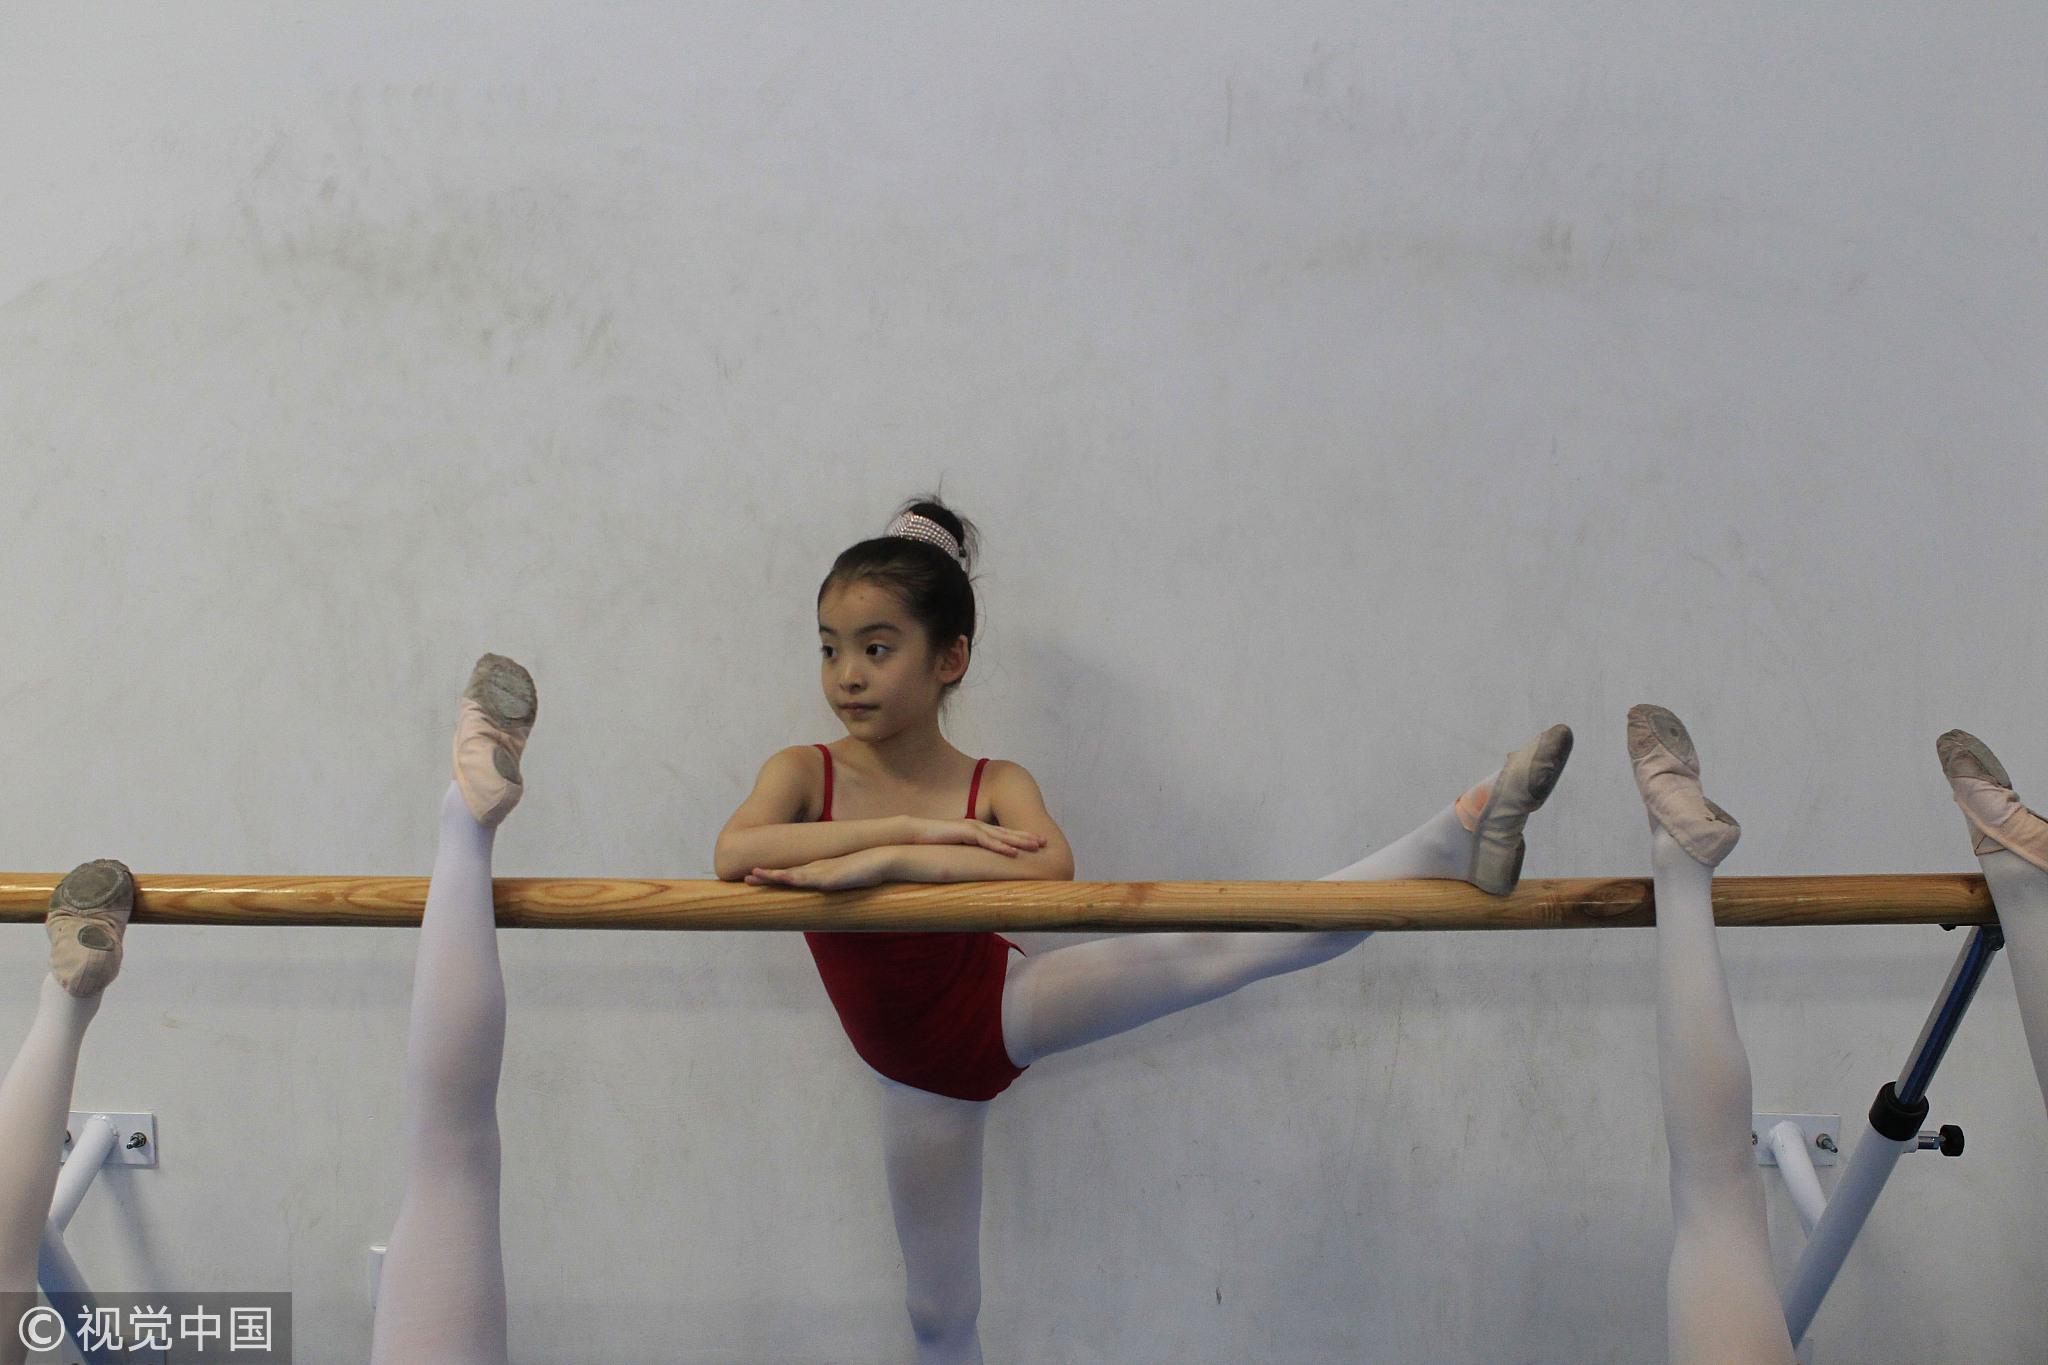 2018-09-25晚上,西安某舞蹈教室。该班有30多人,参加3个以上辅导班的有20多人。 / 视觉中国